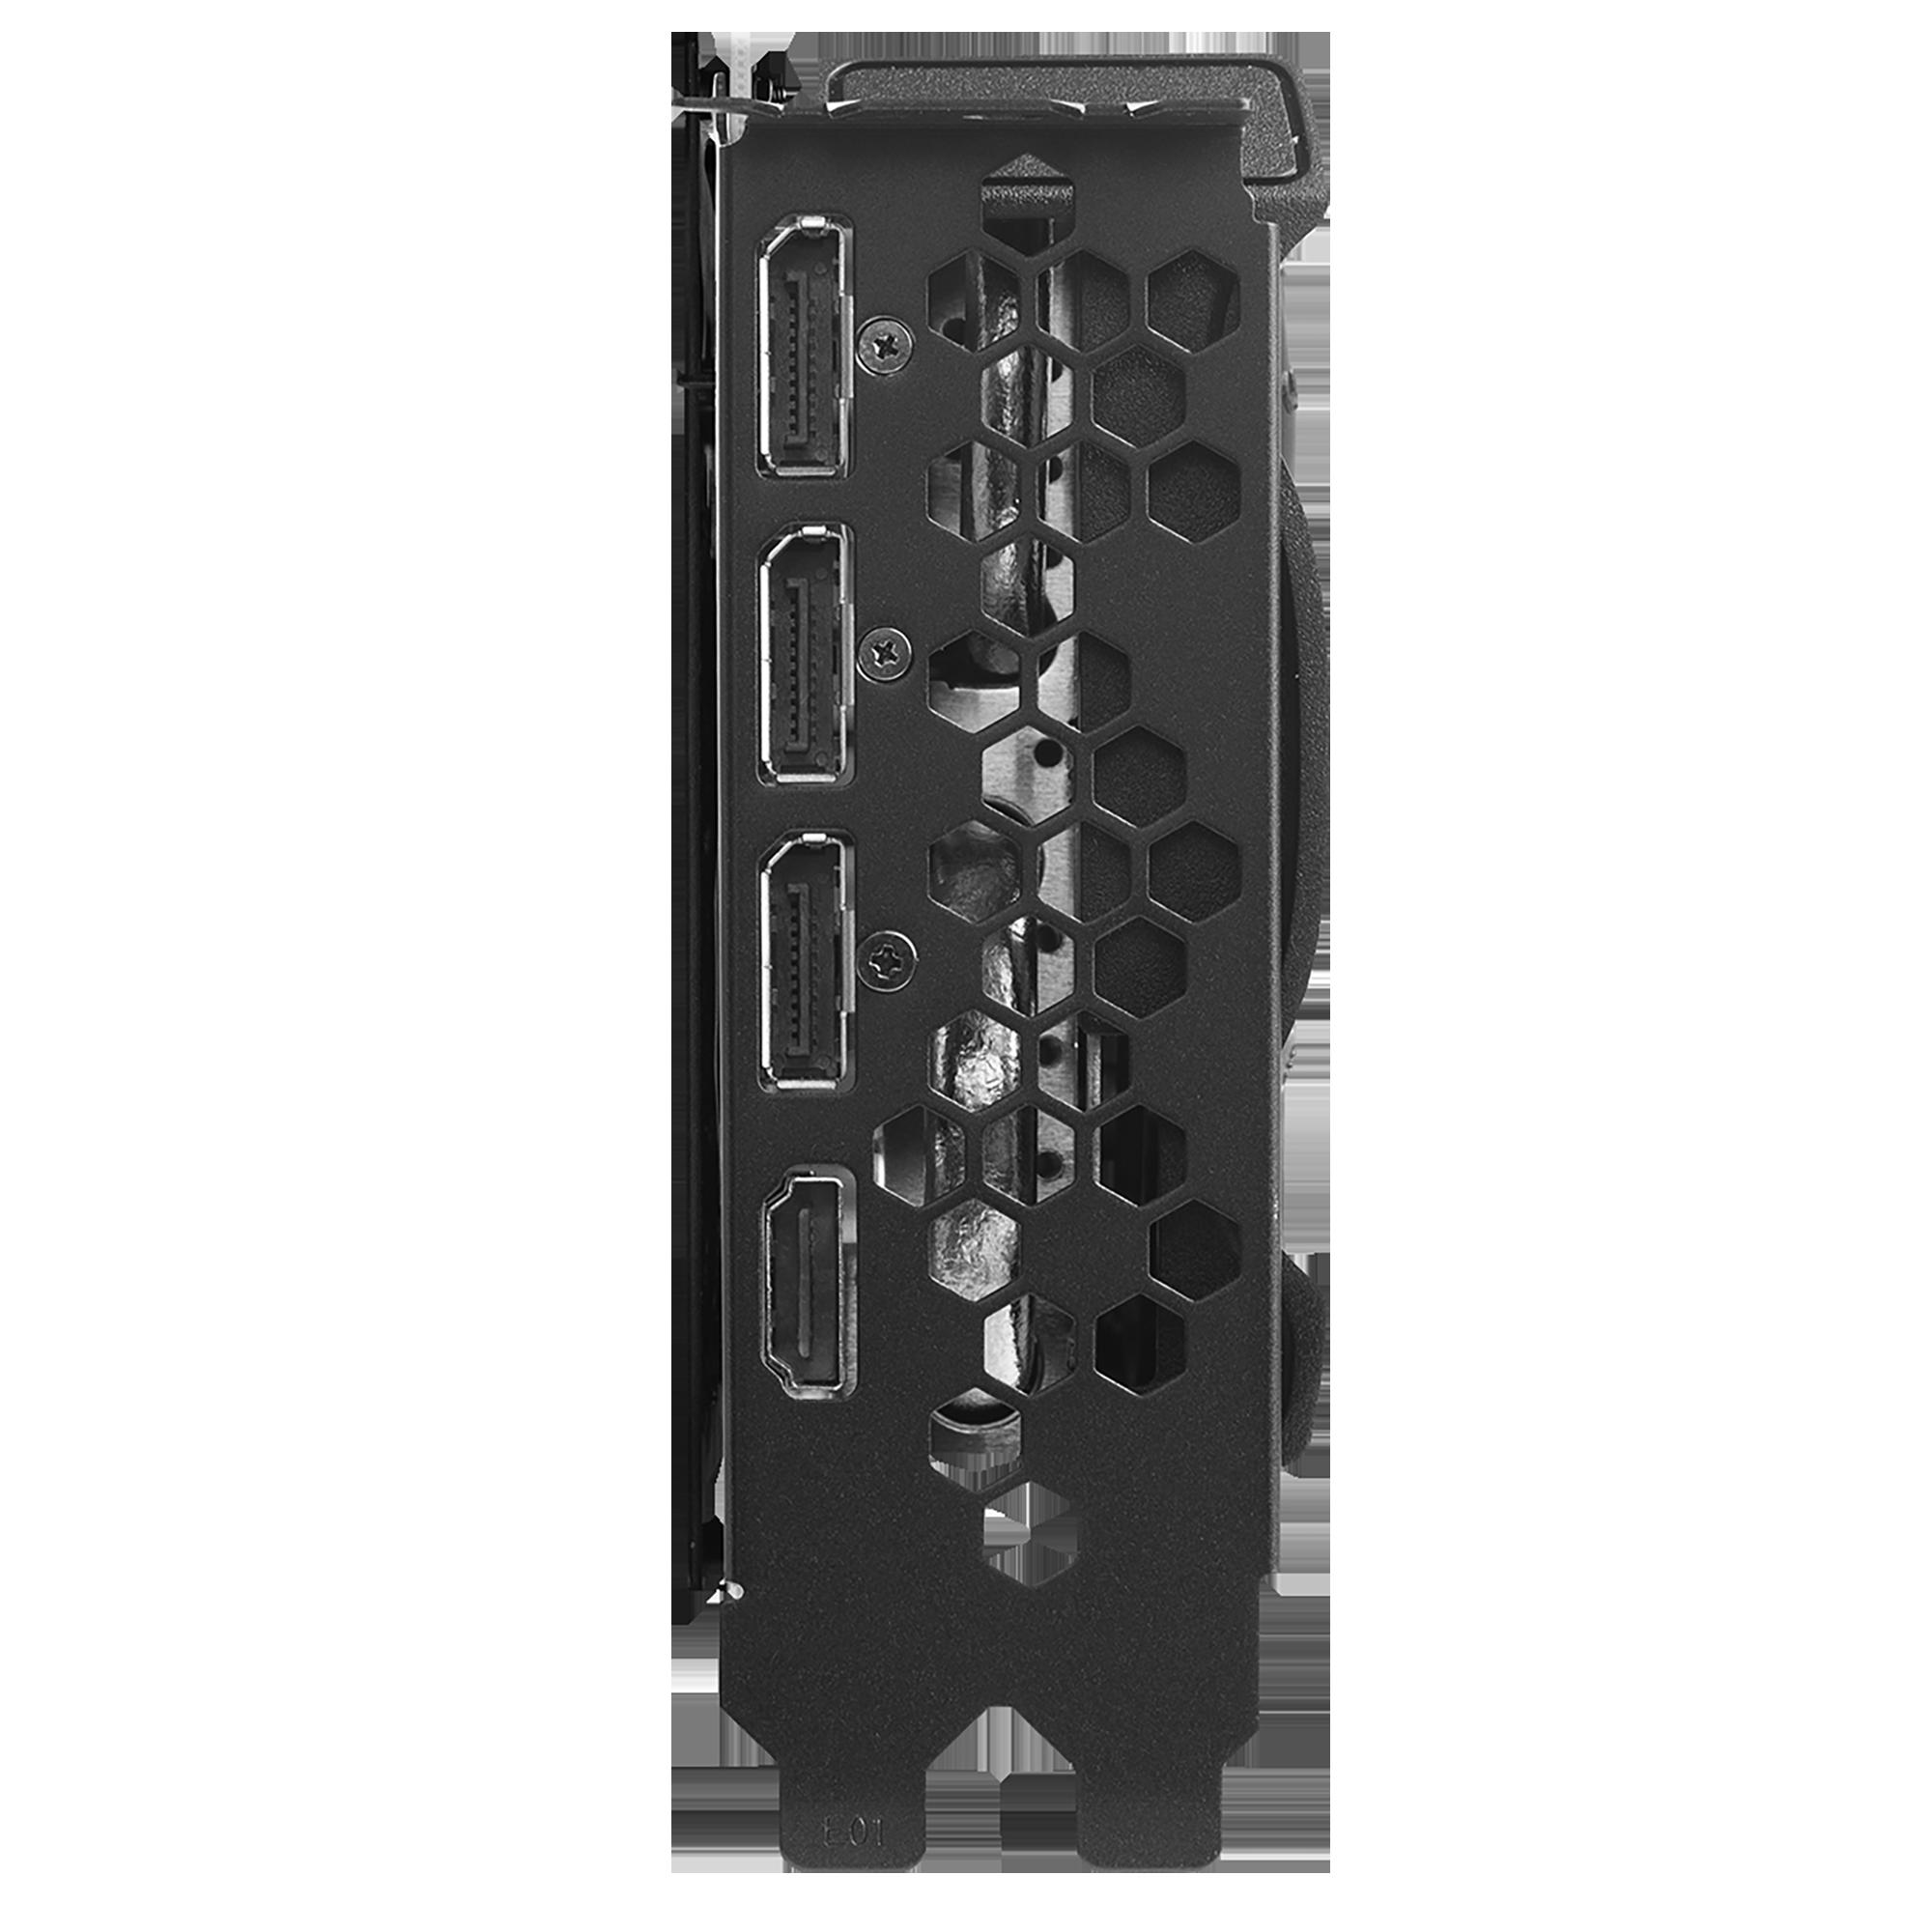 LHR - RTX 3080 XC3 ULTRA 10GB - EVGA